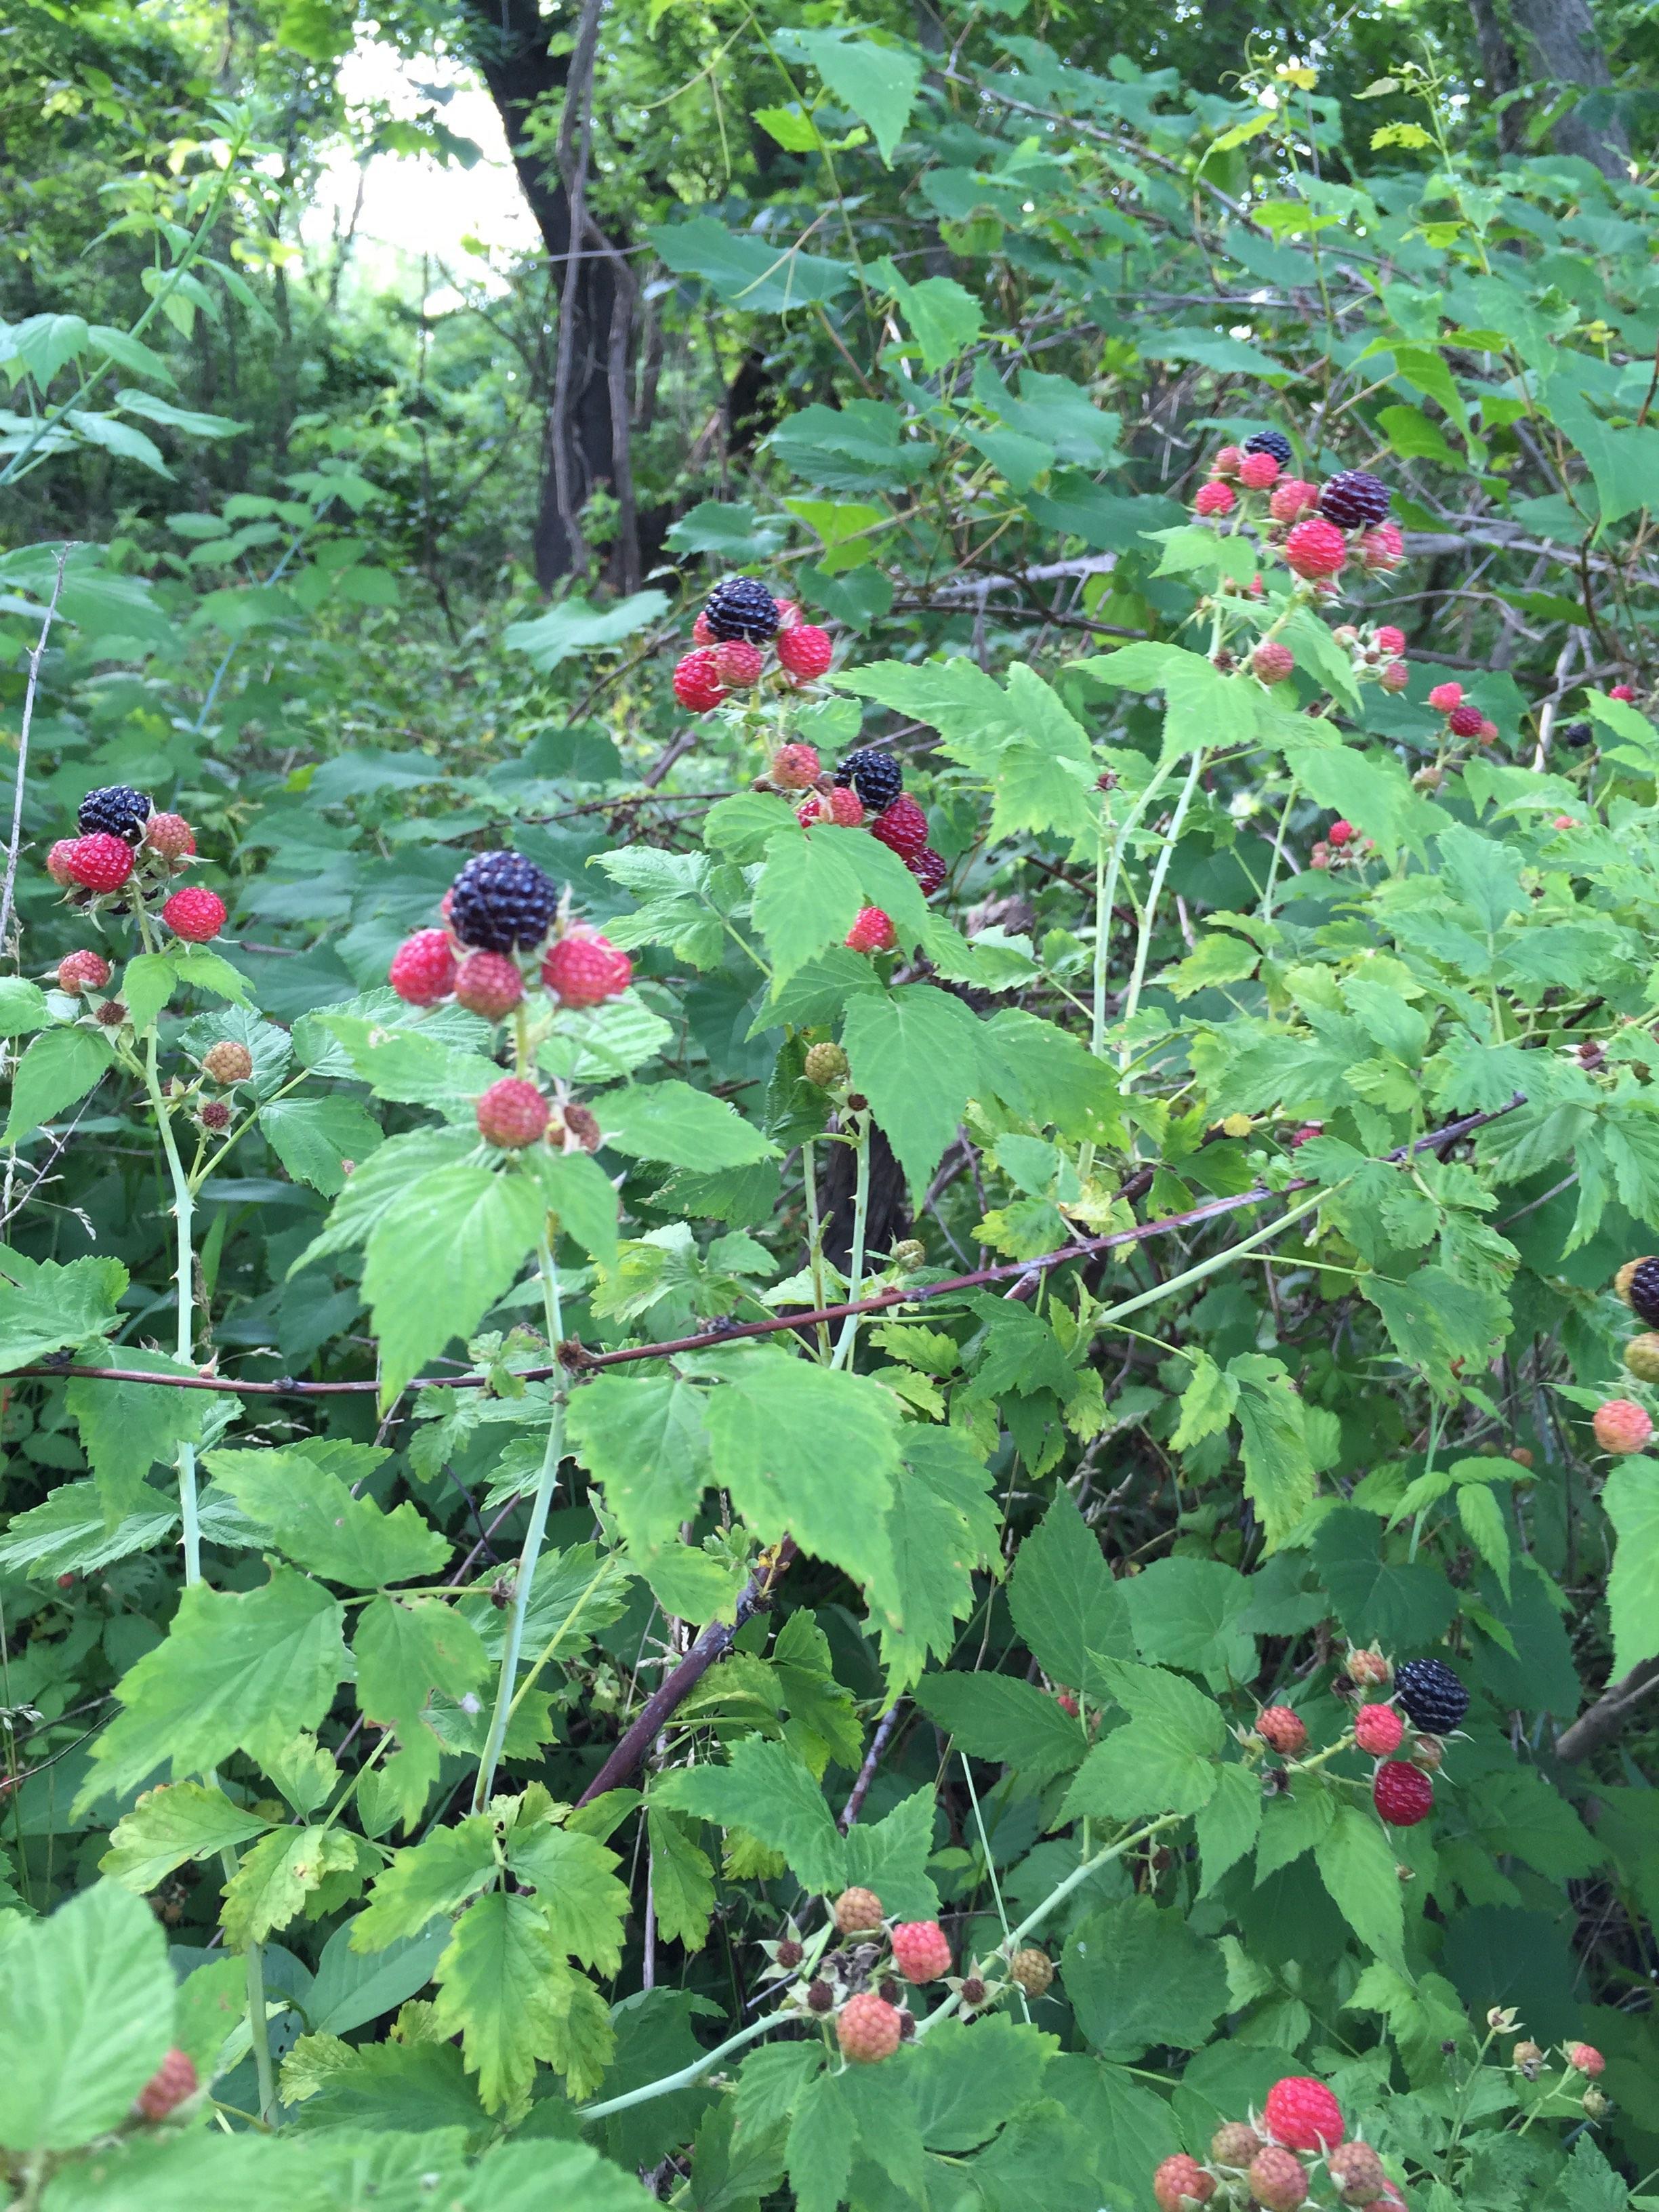 https://200birdies.files.wordpress.com/2015/06/2015-0620-img_0155-wild-black-raspberries.jpg